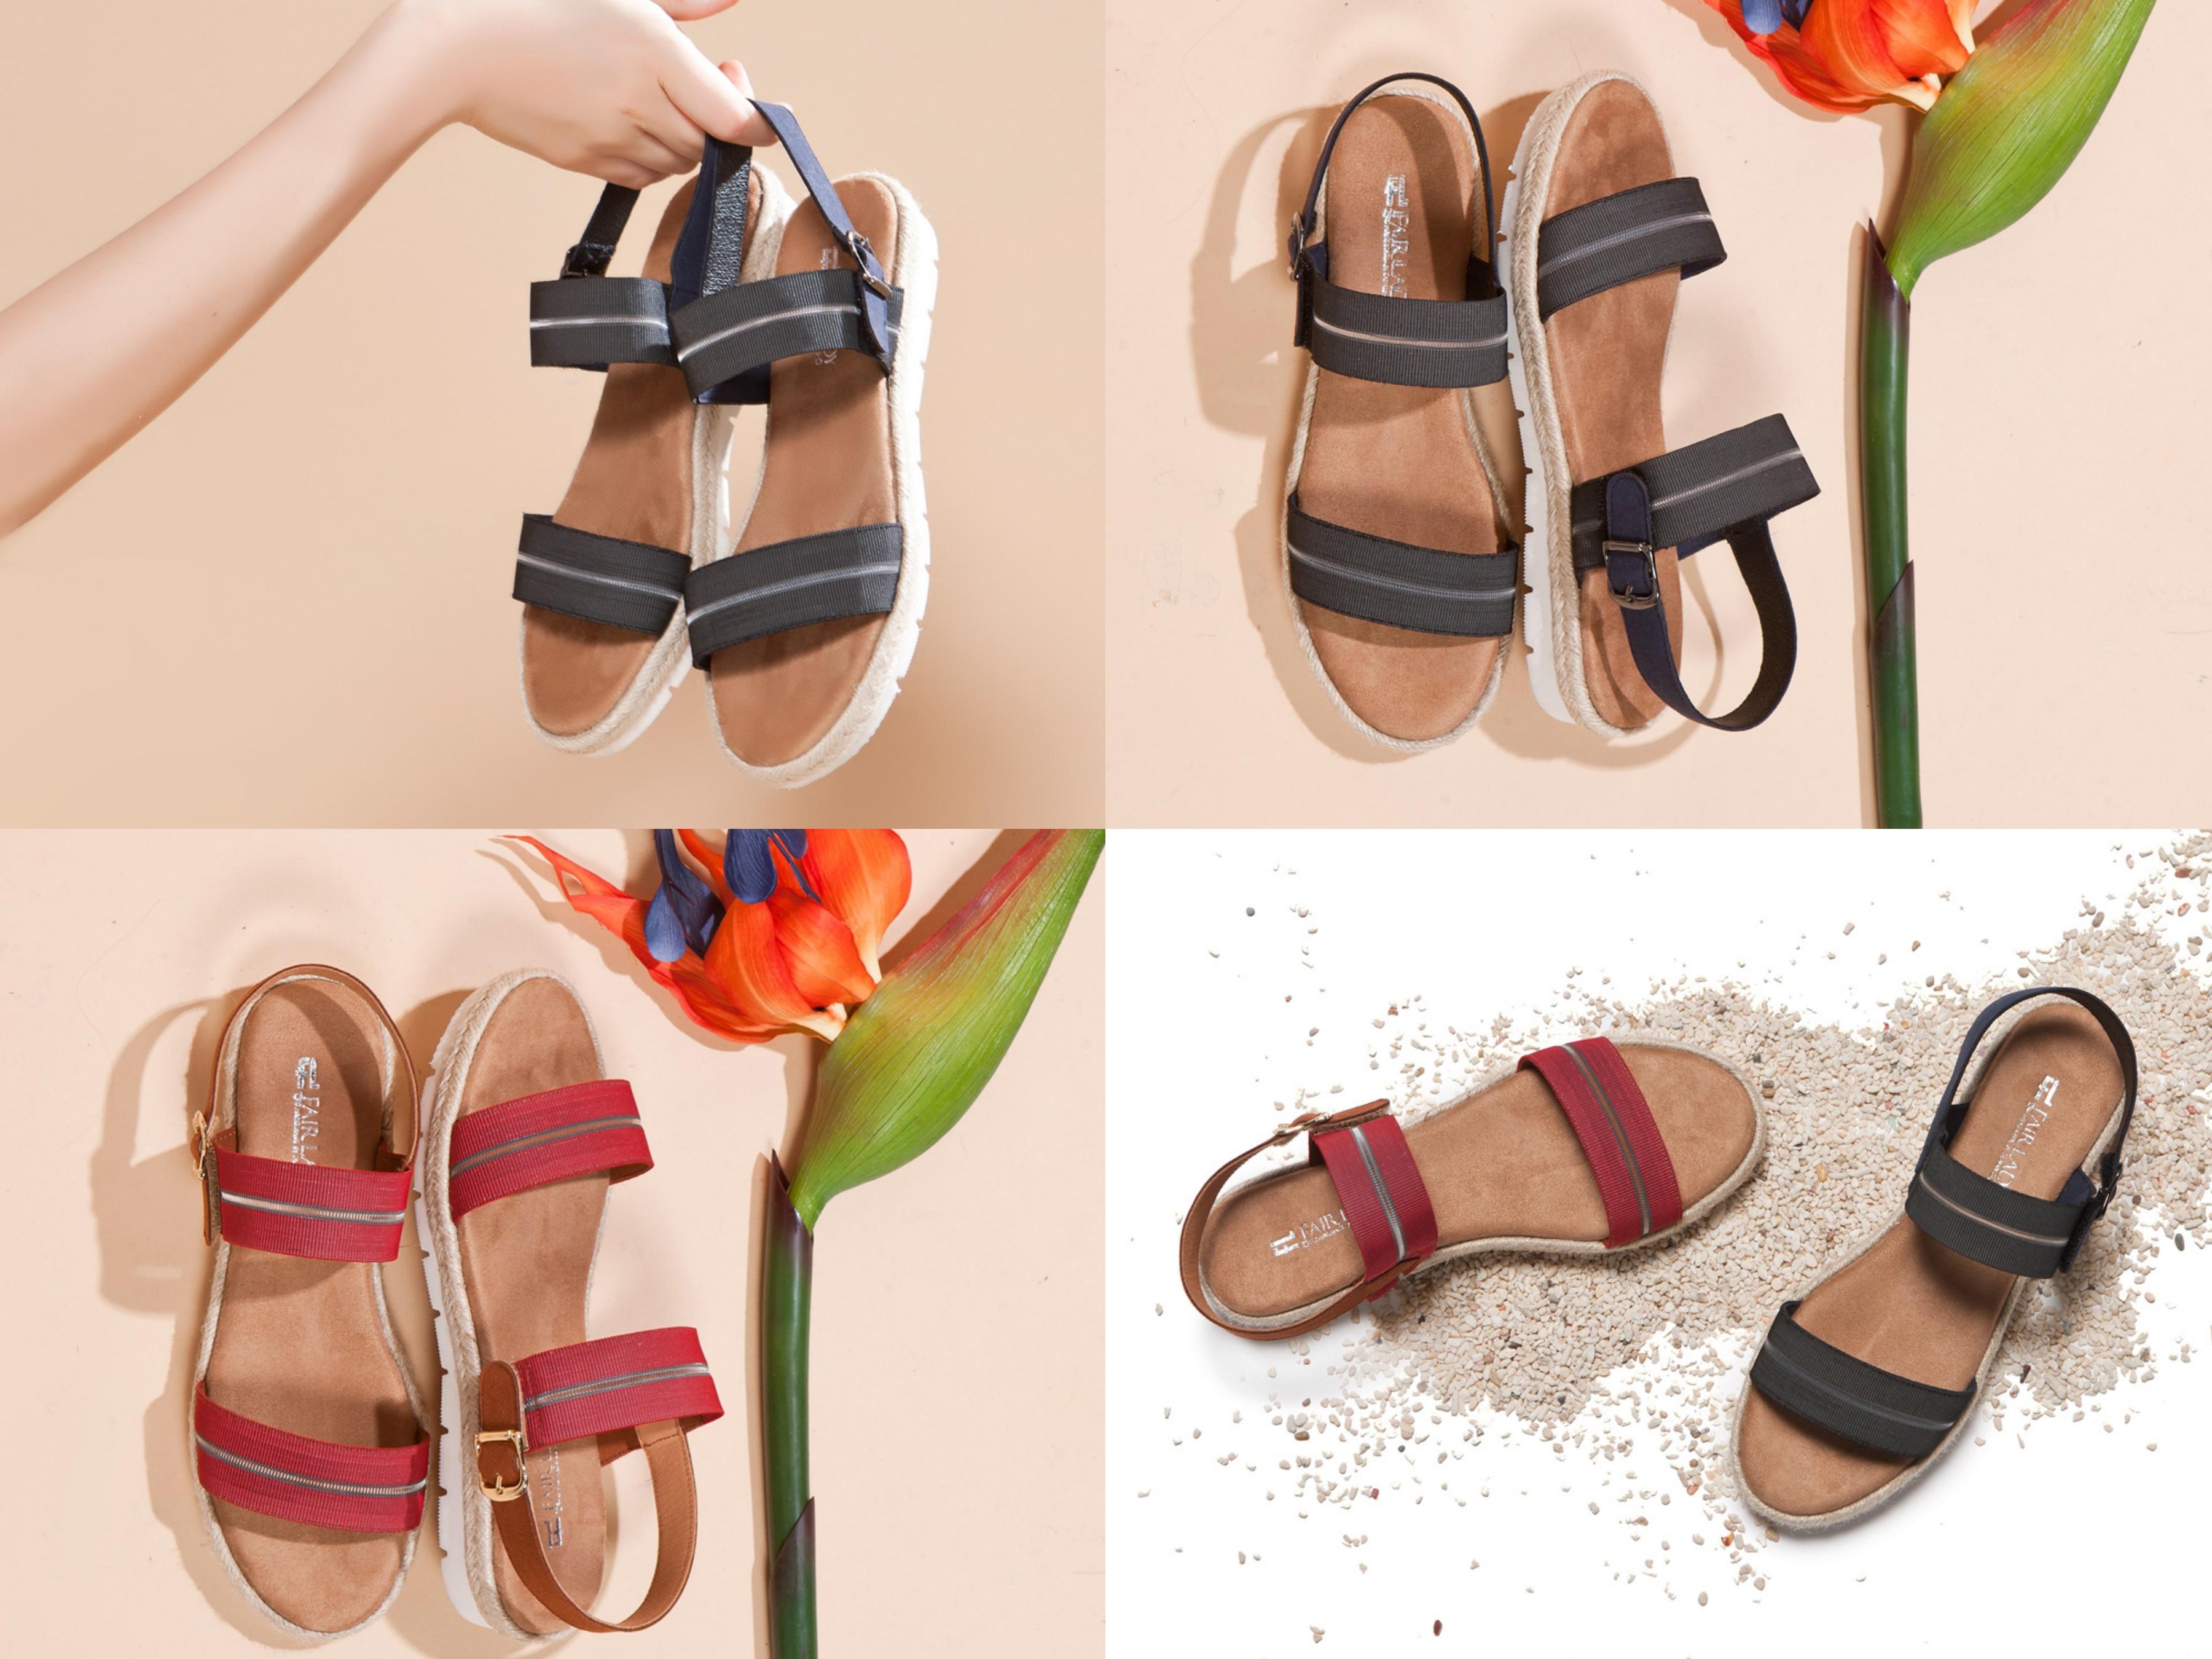 鬆緊帶拼接草編增添度假風情,彈性減壓鞋墊耐走更舒適自在